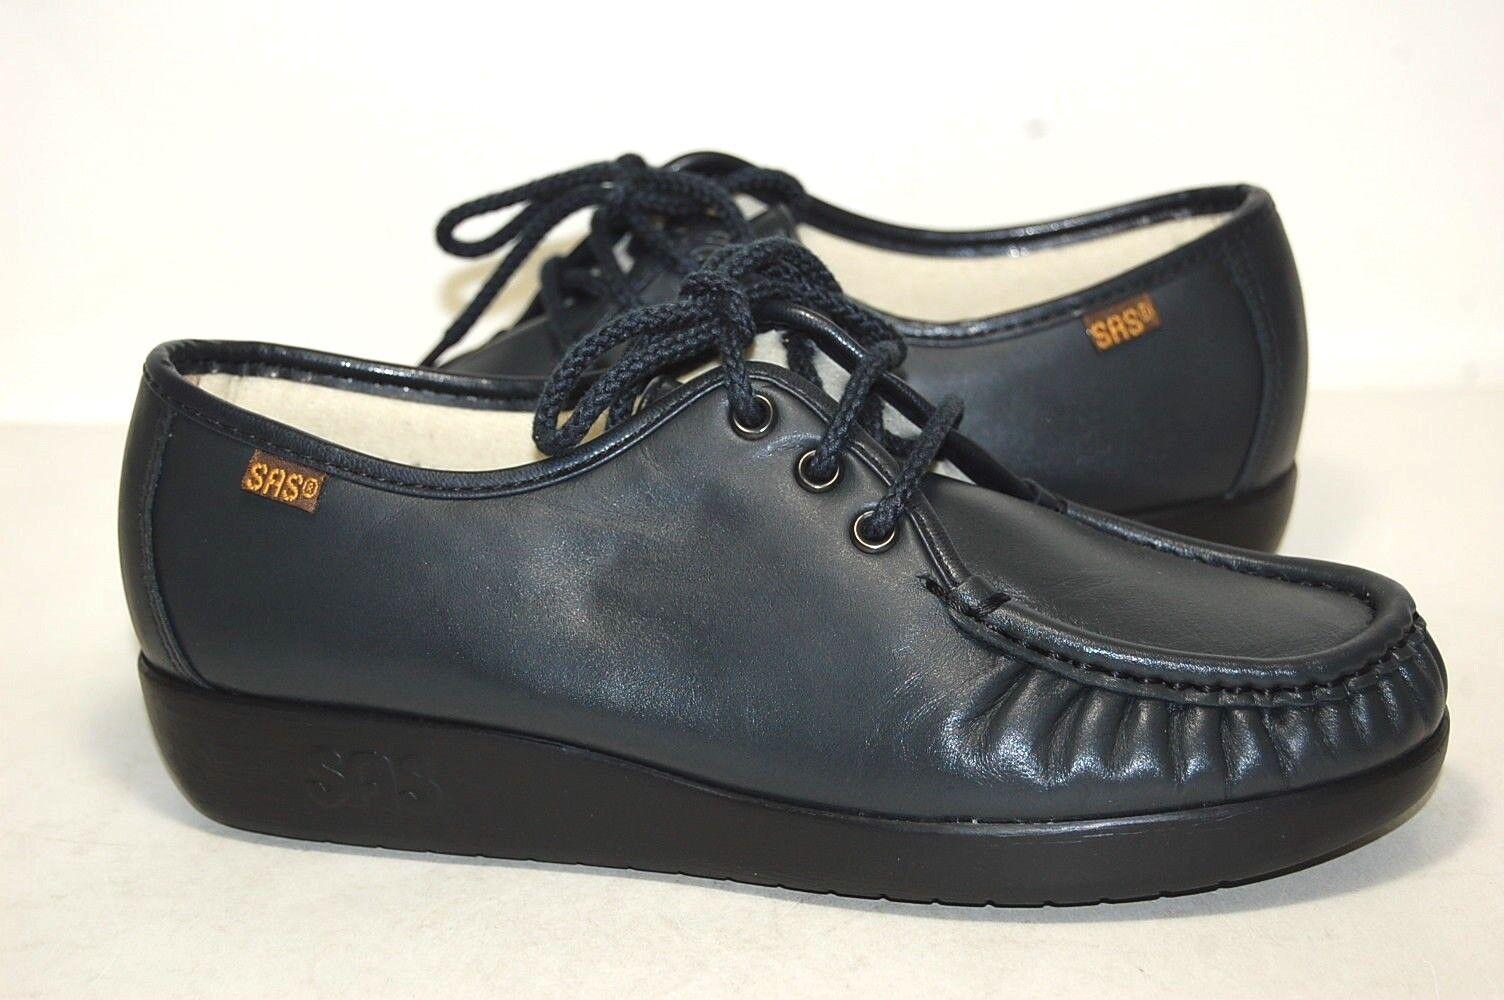 Original SAS Siesta Navy Leather W Wide 0038-011 donna